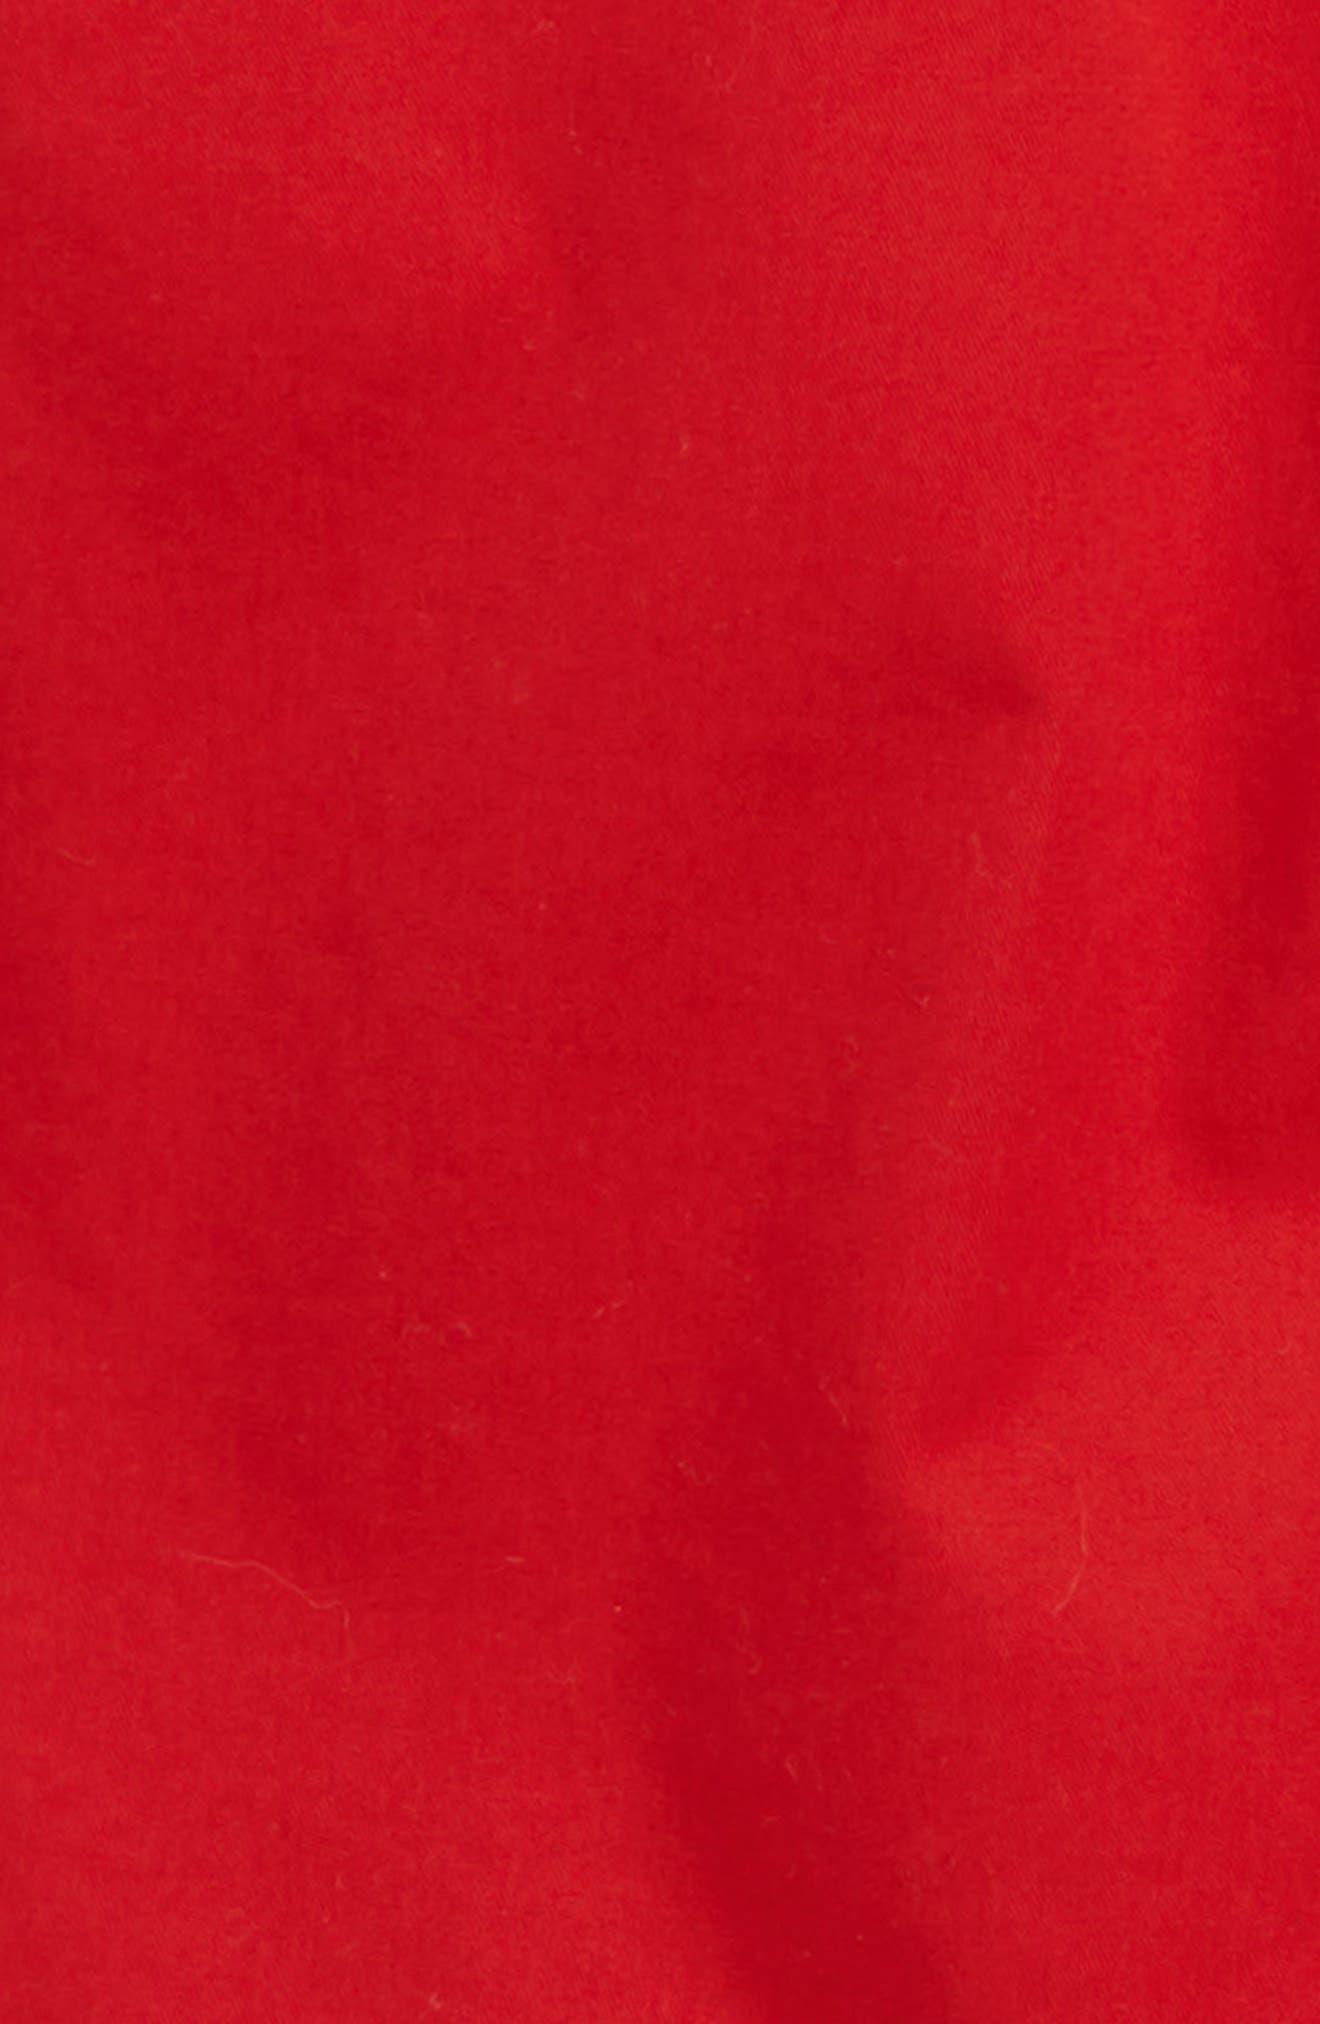 Chino Shorts,                             Alternate thumbnail 2, color,                             Red Samba